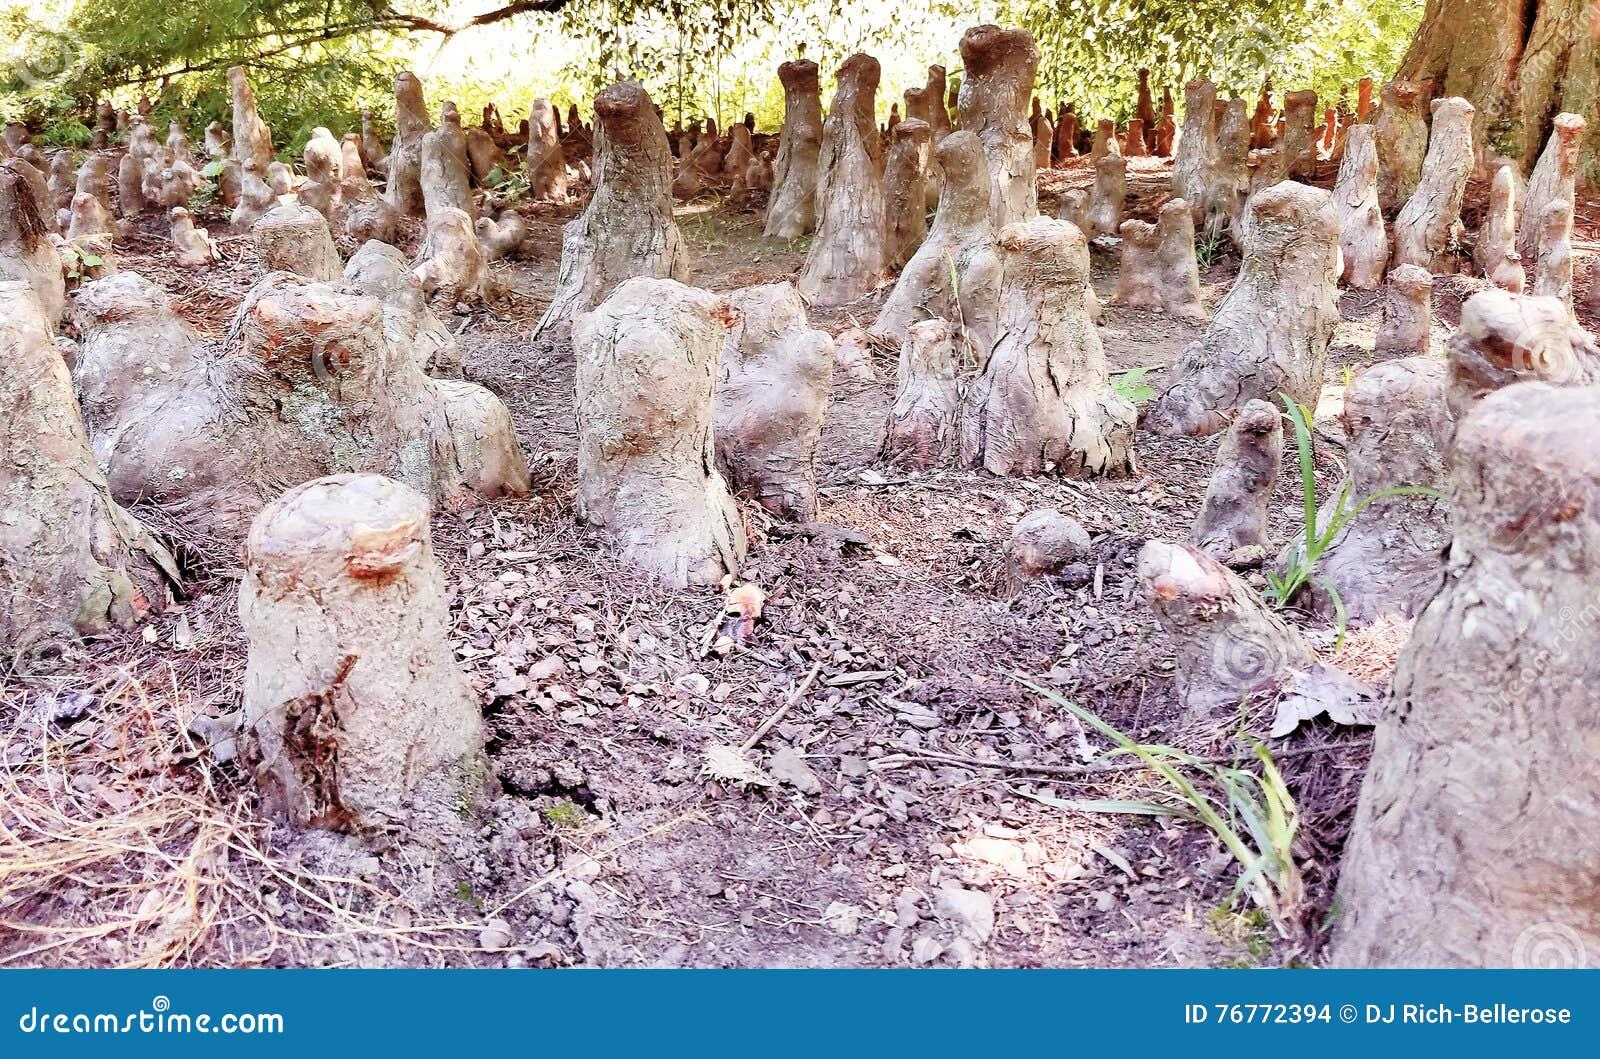 Trädet rotar att likna det skogsbevuxna Meerkat säterit